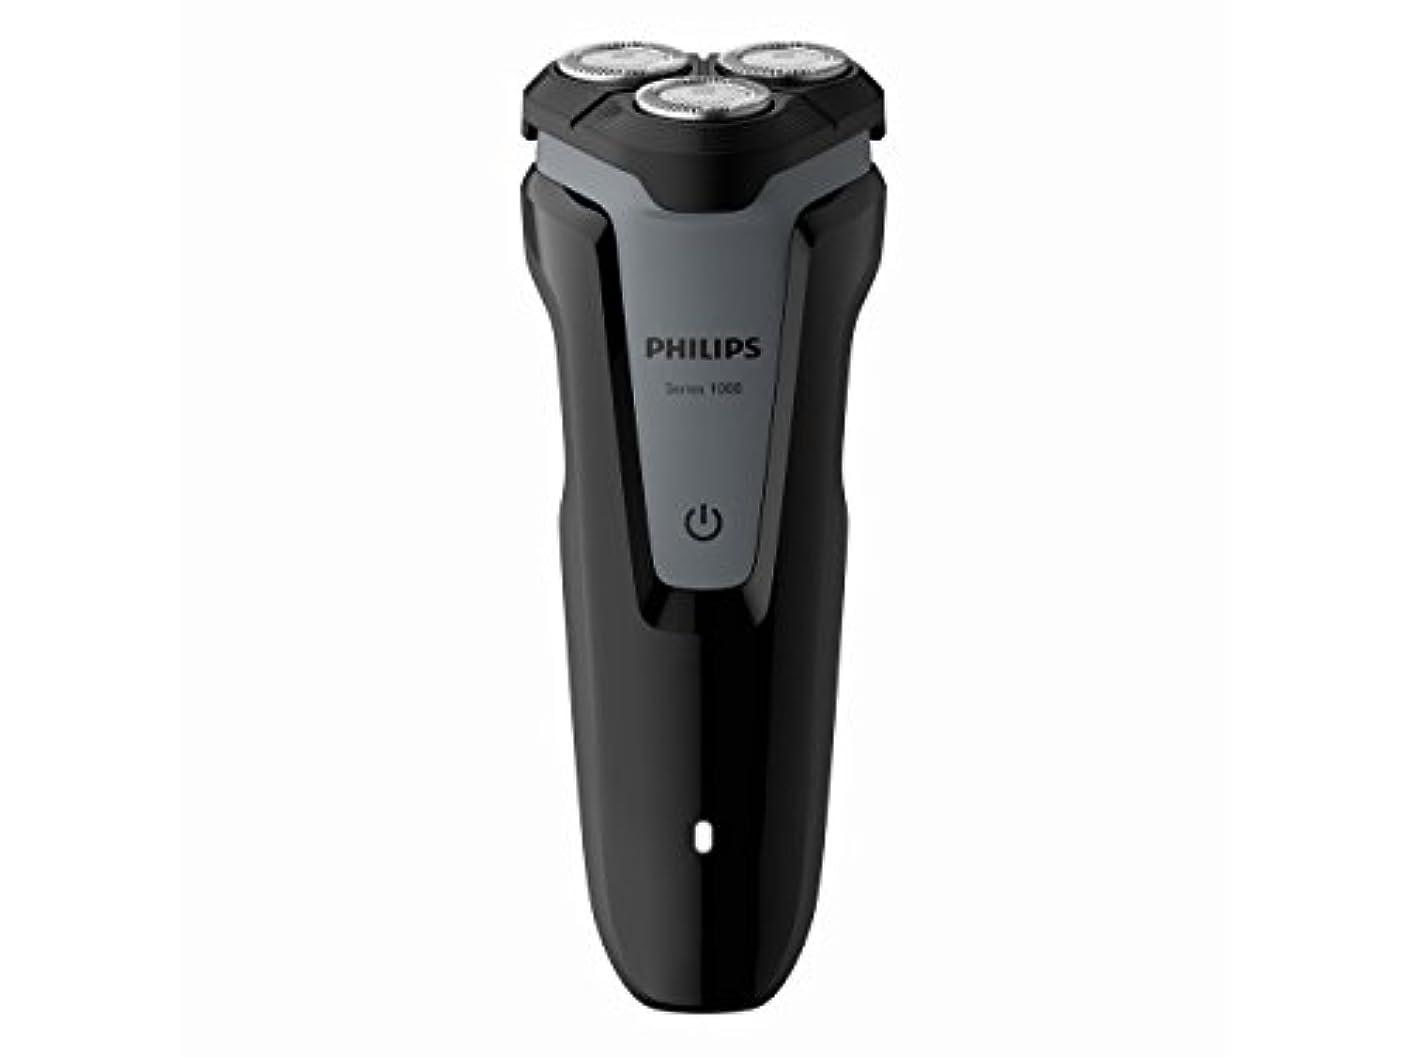 仕出します出席する見てフィリップス 1000シリーズ メンズ電気シェーバー 回転刃 お風呂剃り可 S1041/03